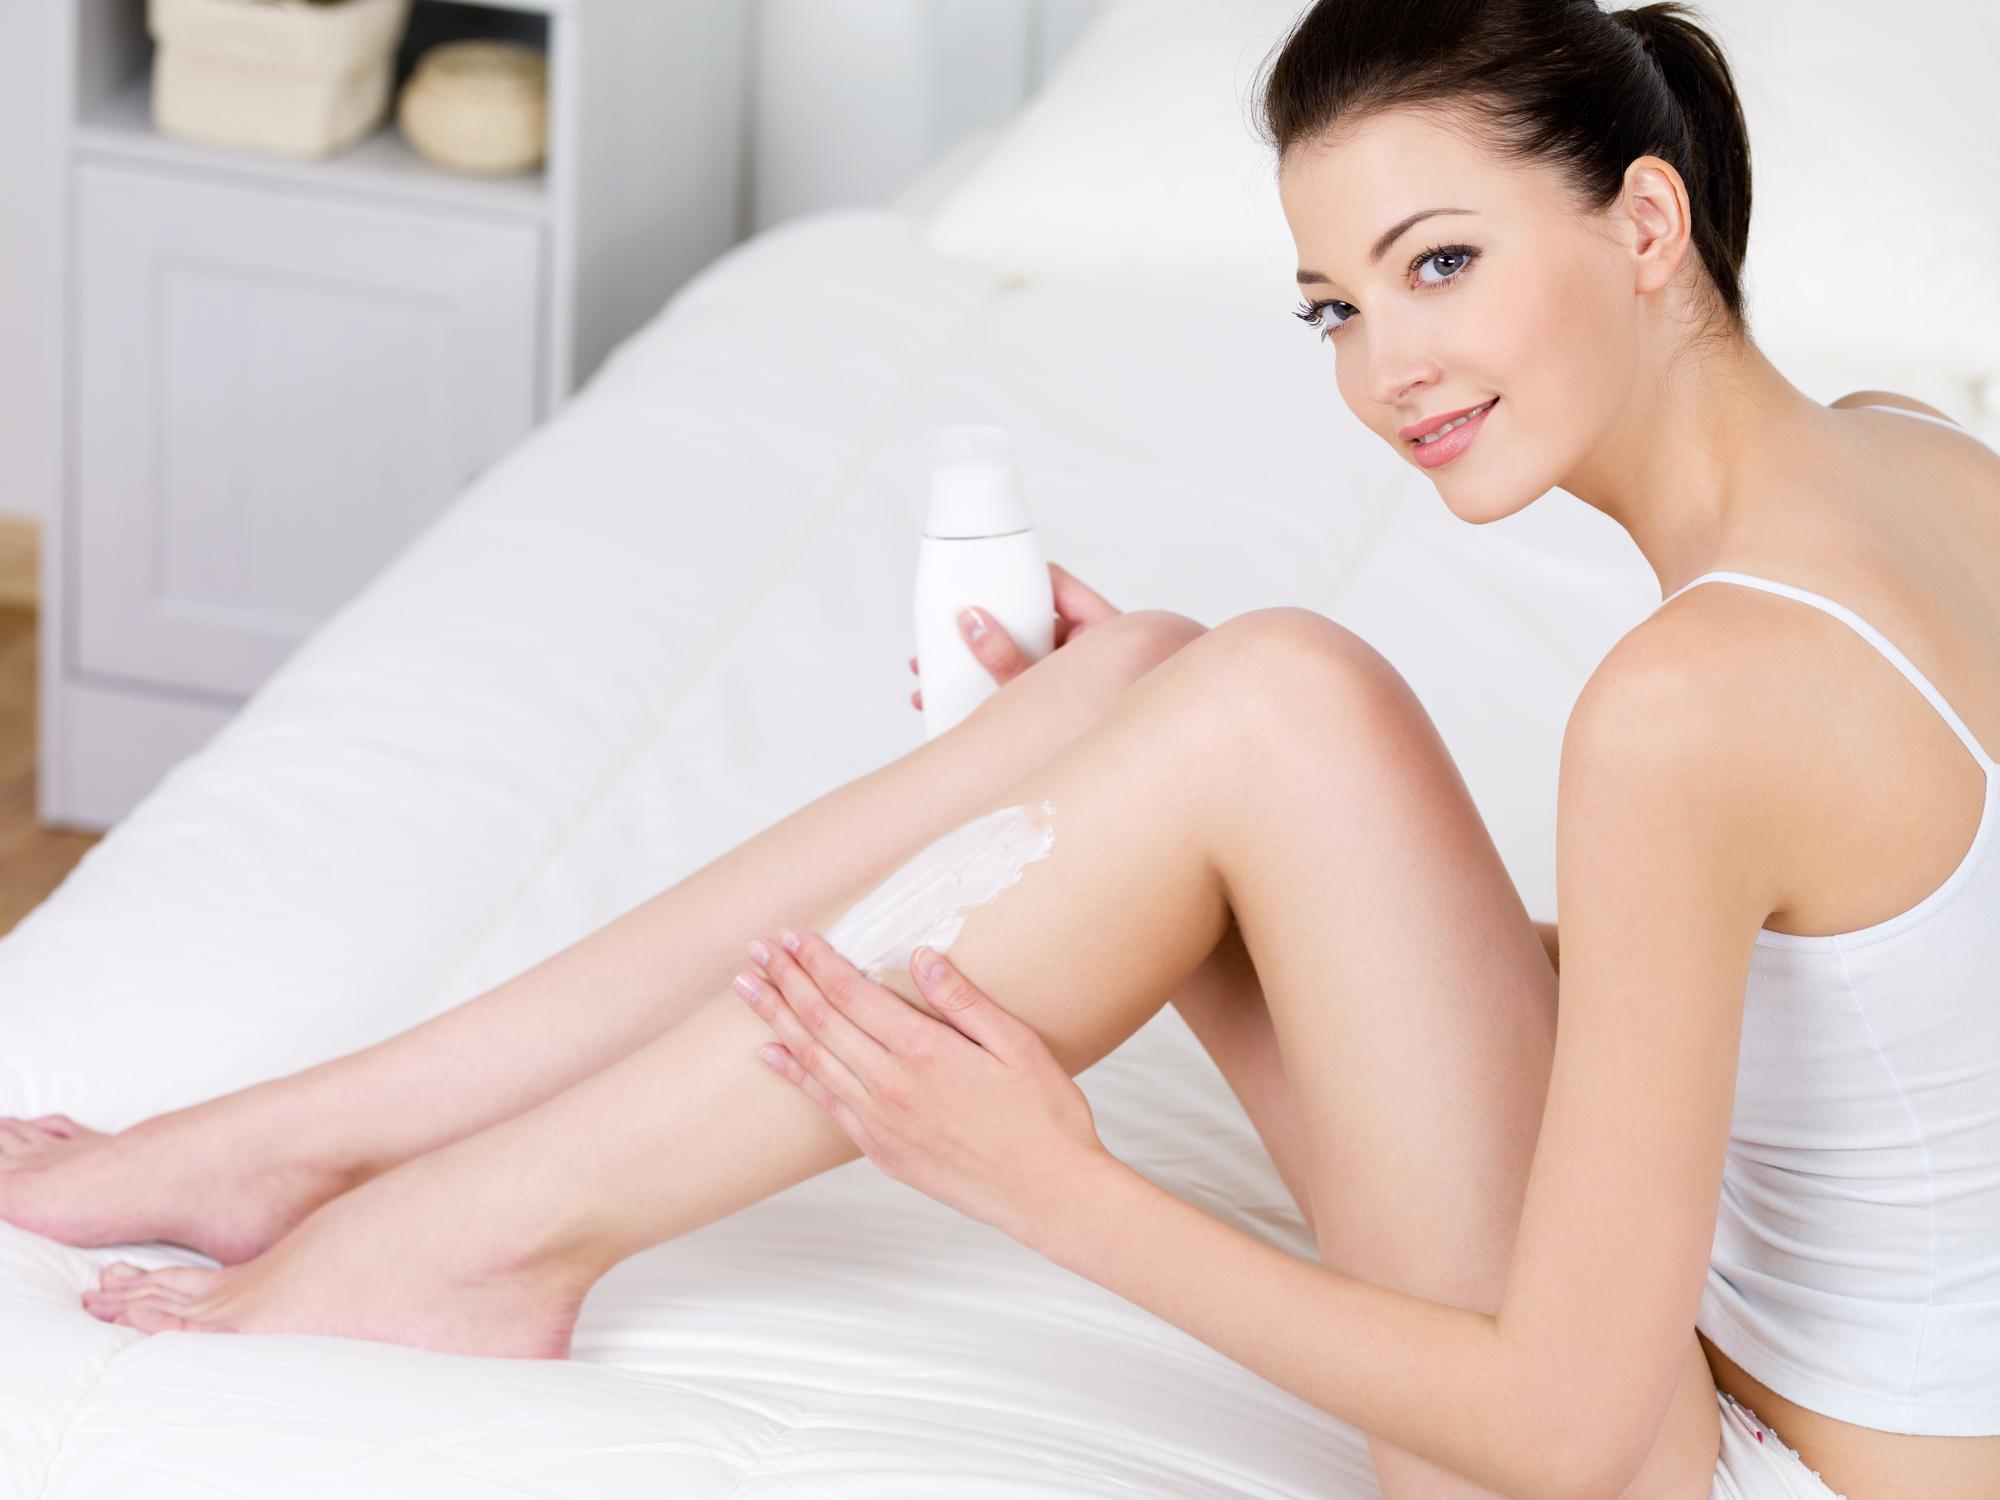 むだ毛を剃るときはシェービングクリームが必須♡自分の肌を大切に♡のサムネイル画像